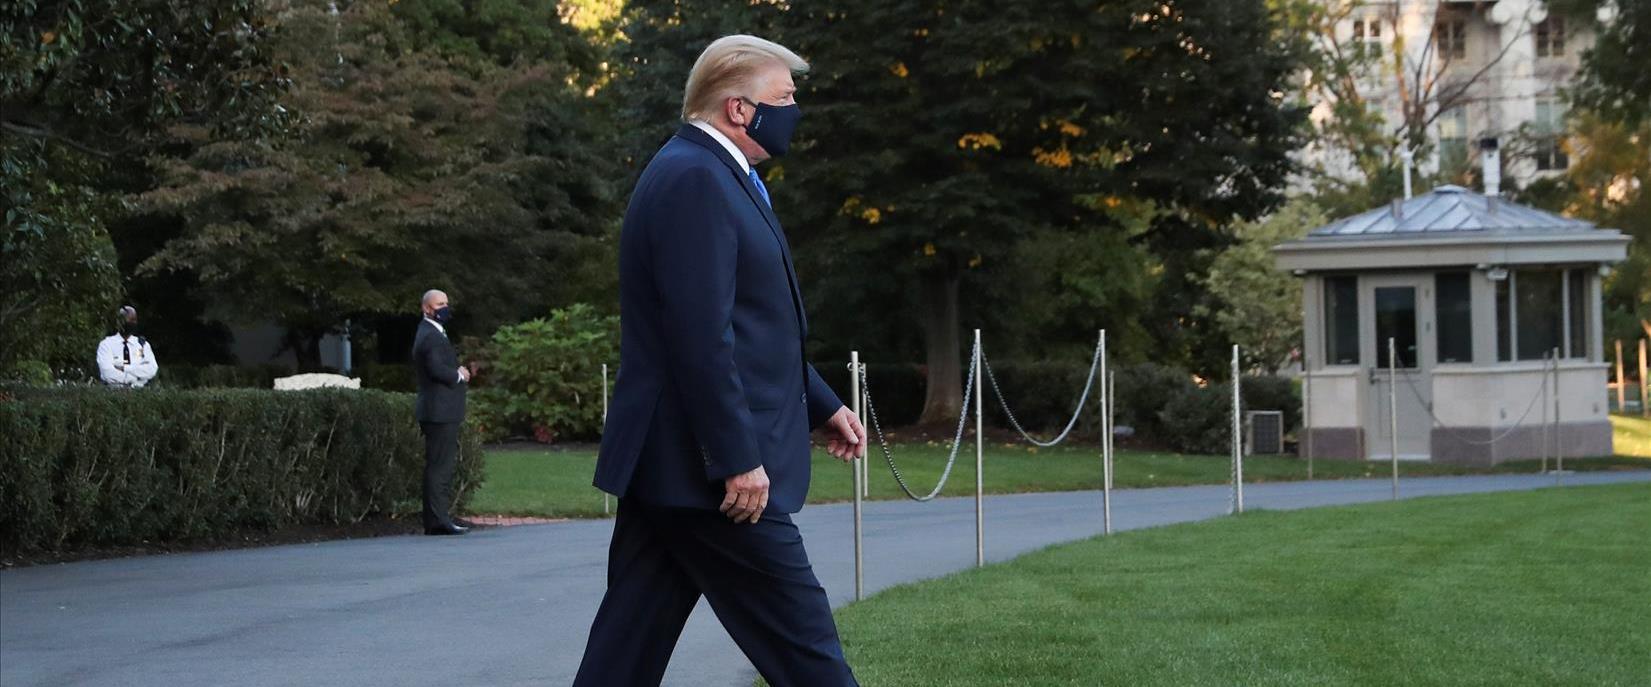 טראמפ עולה למסוק בדרך לבית החולים